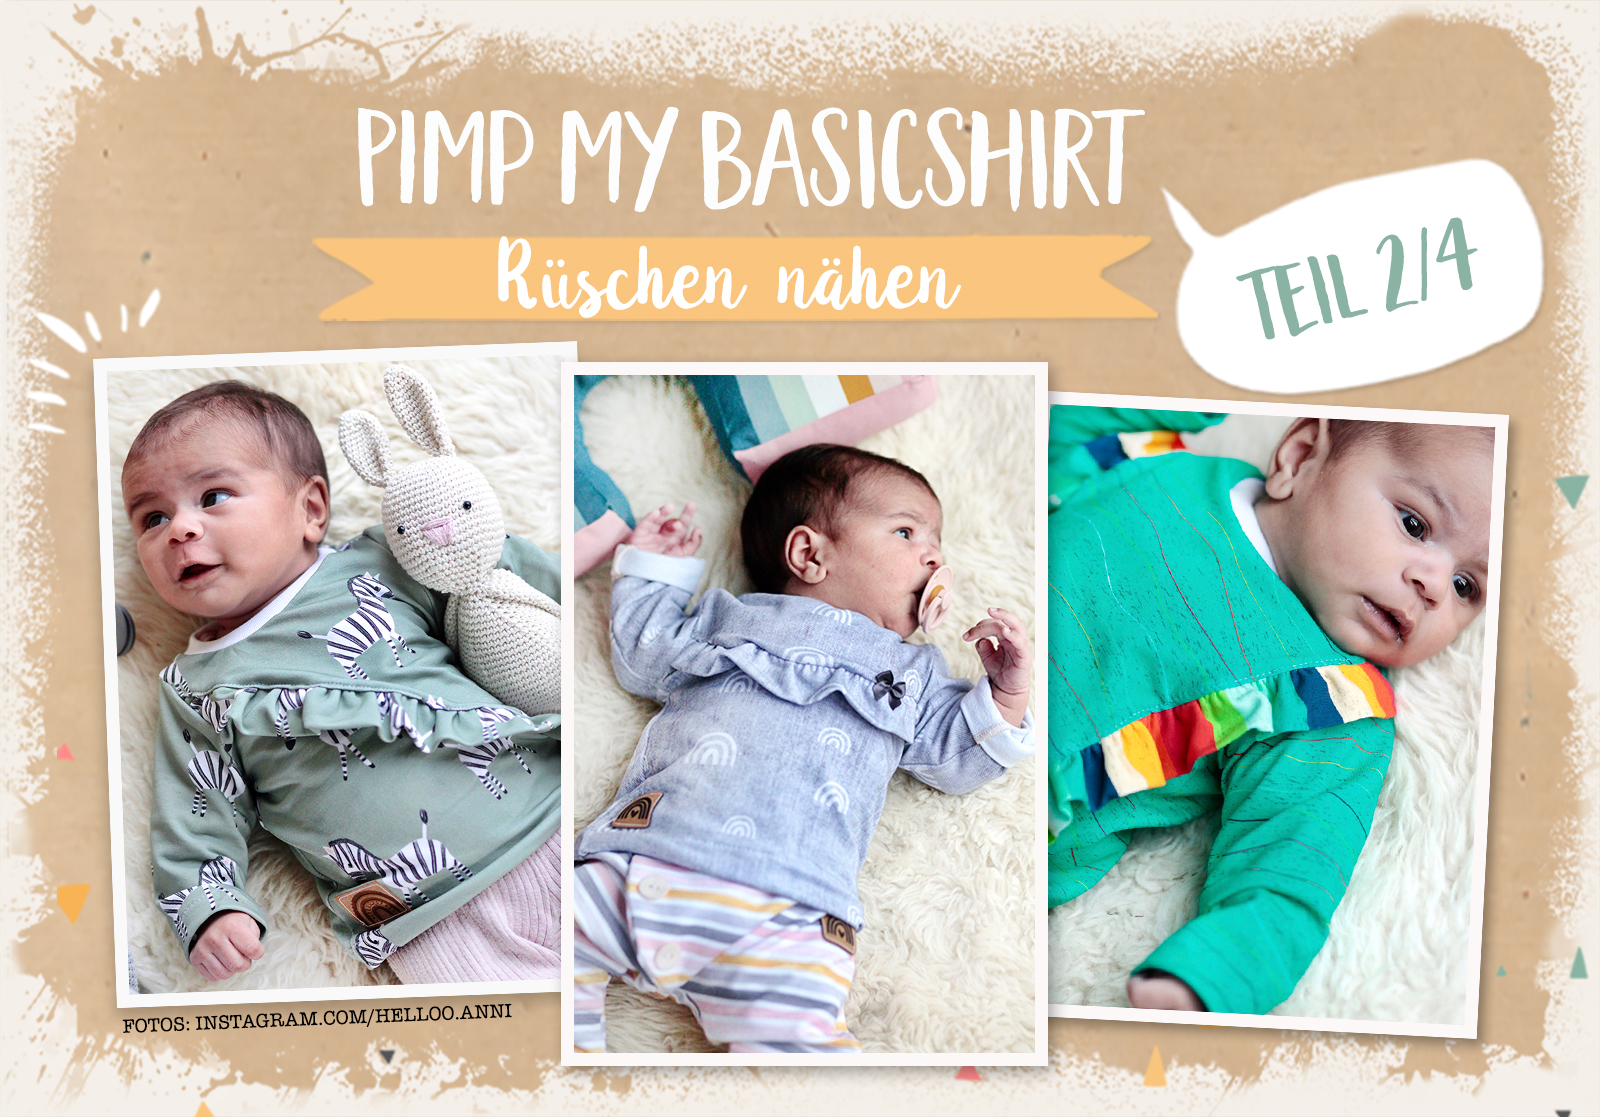 Pimp my Basicshirt 2/4: Rüschen nähen